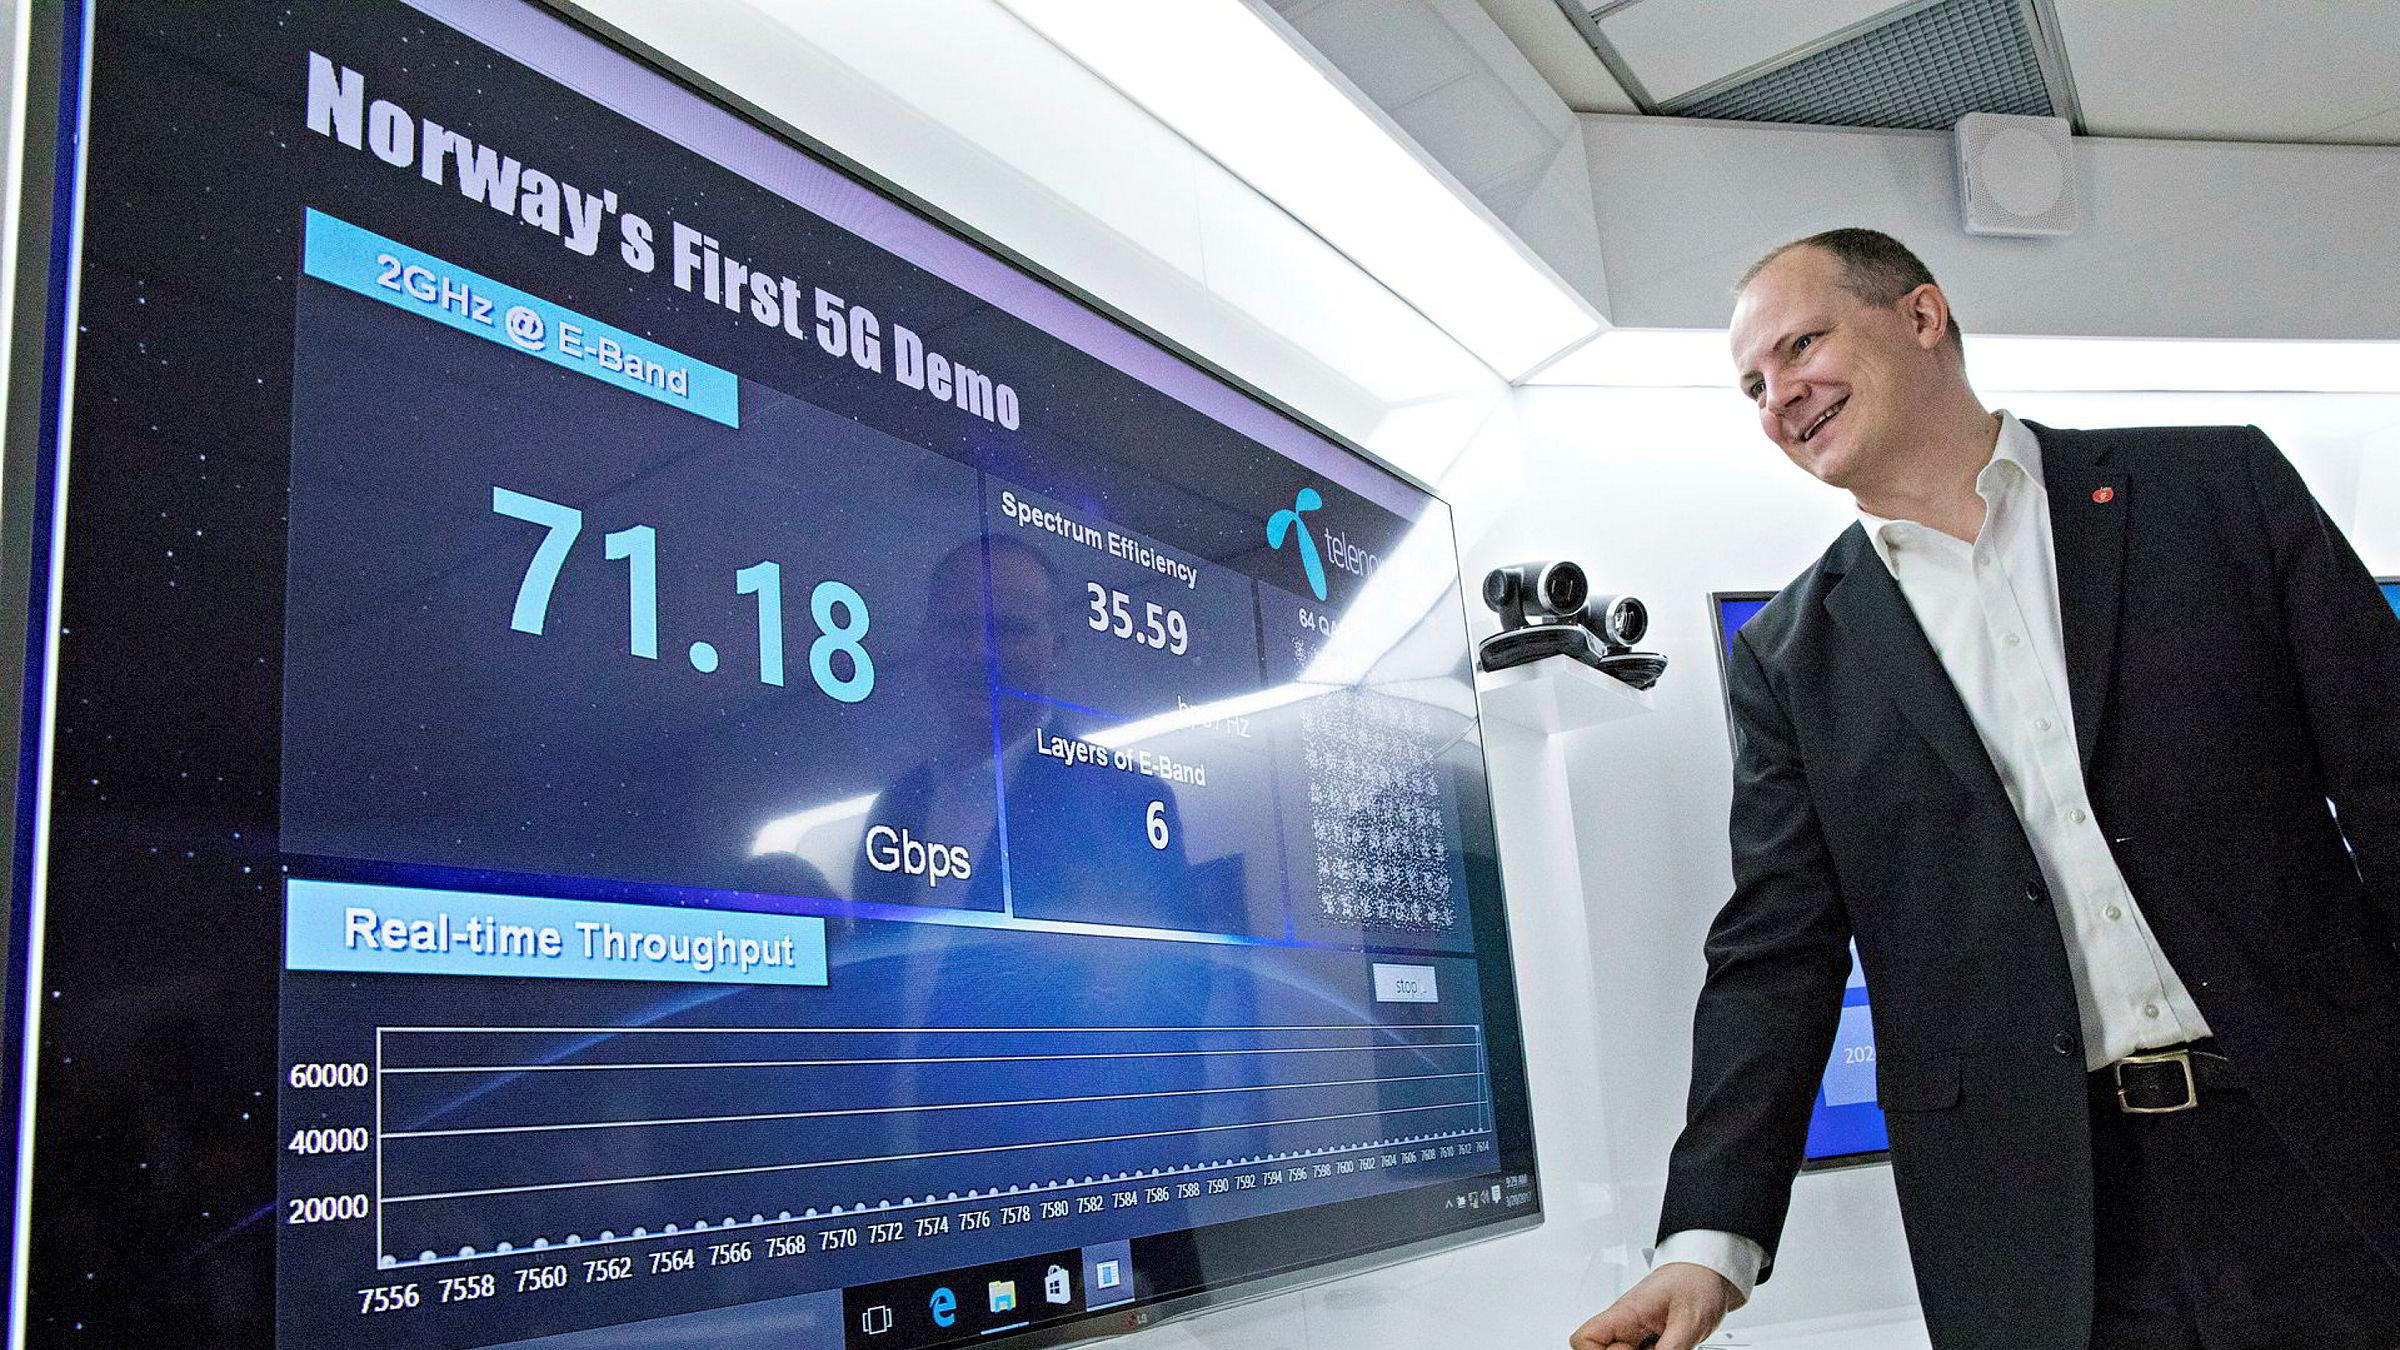 Samferdselsminister Ketil Solvik-Olsen slår på Norges første 5G-nett på Fornebu mandag 20. mars. Skjermen viser en kapasitet på 70 gigabit per sekund, godt over 200 ganger mer enn makshastigheten i 4G-nettet i dag.